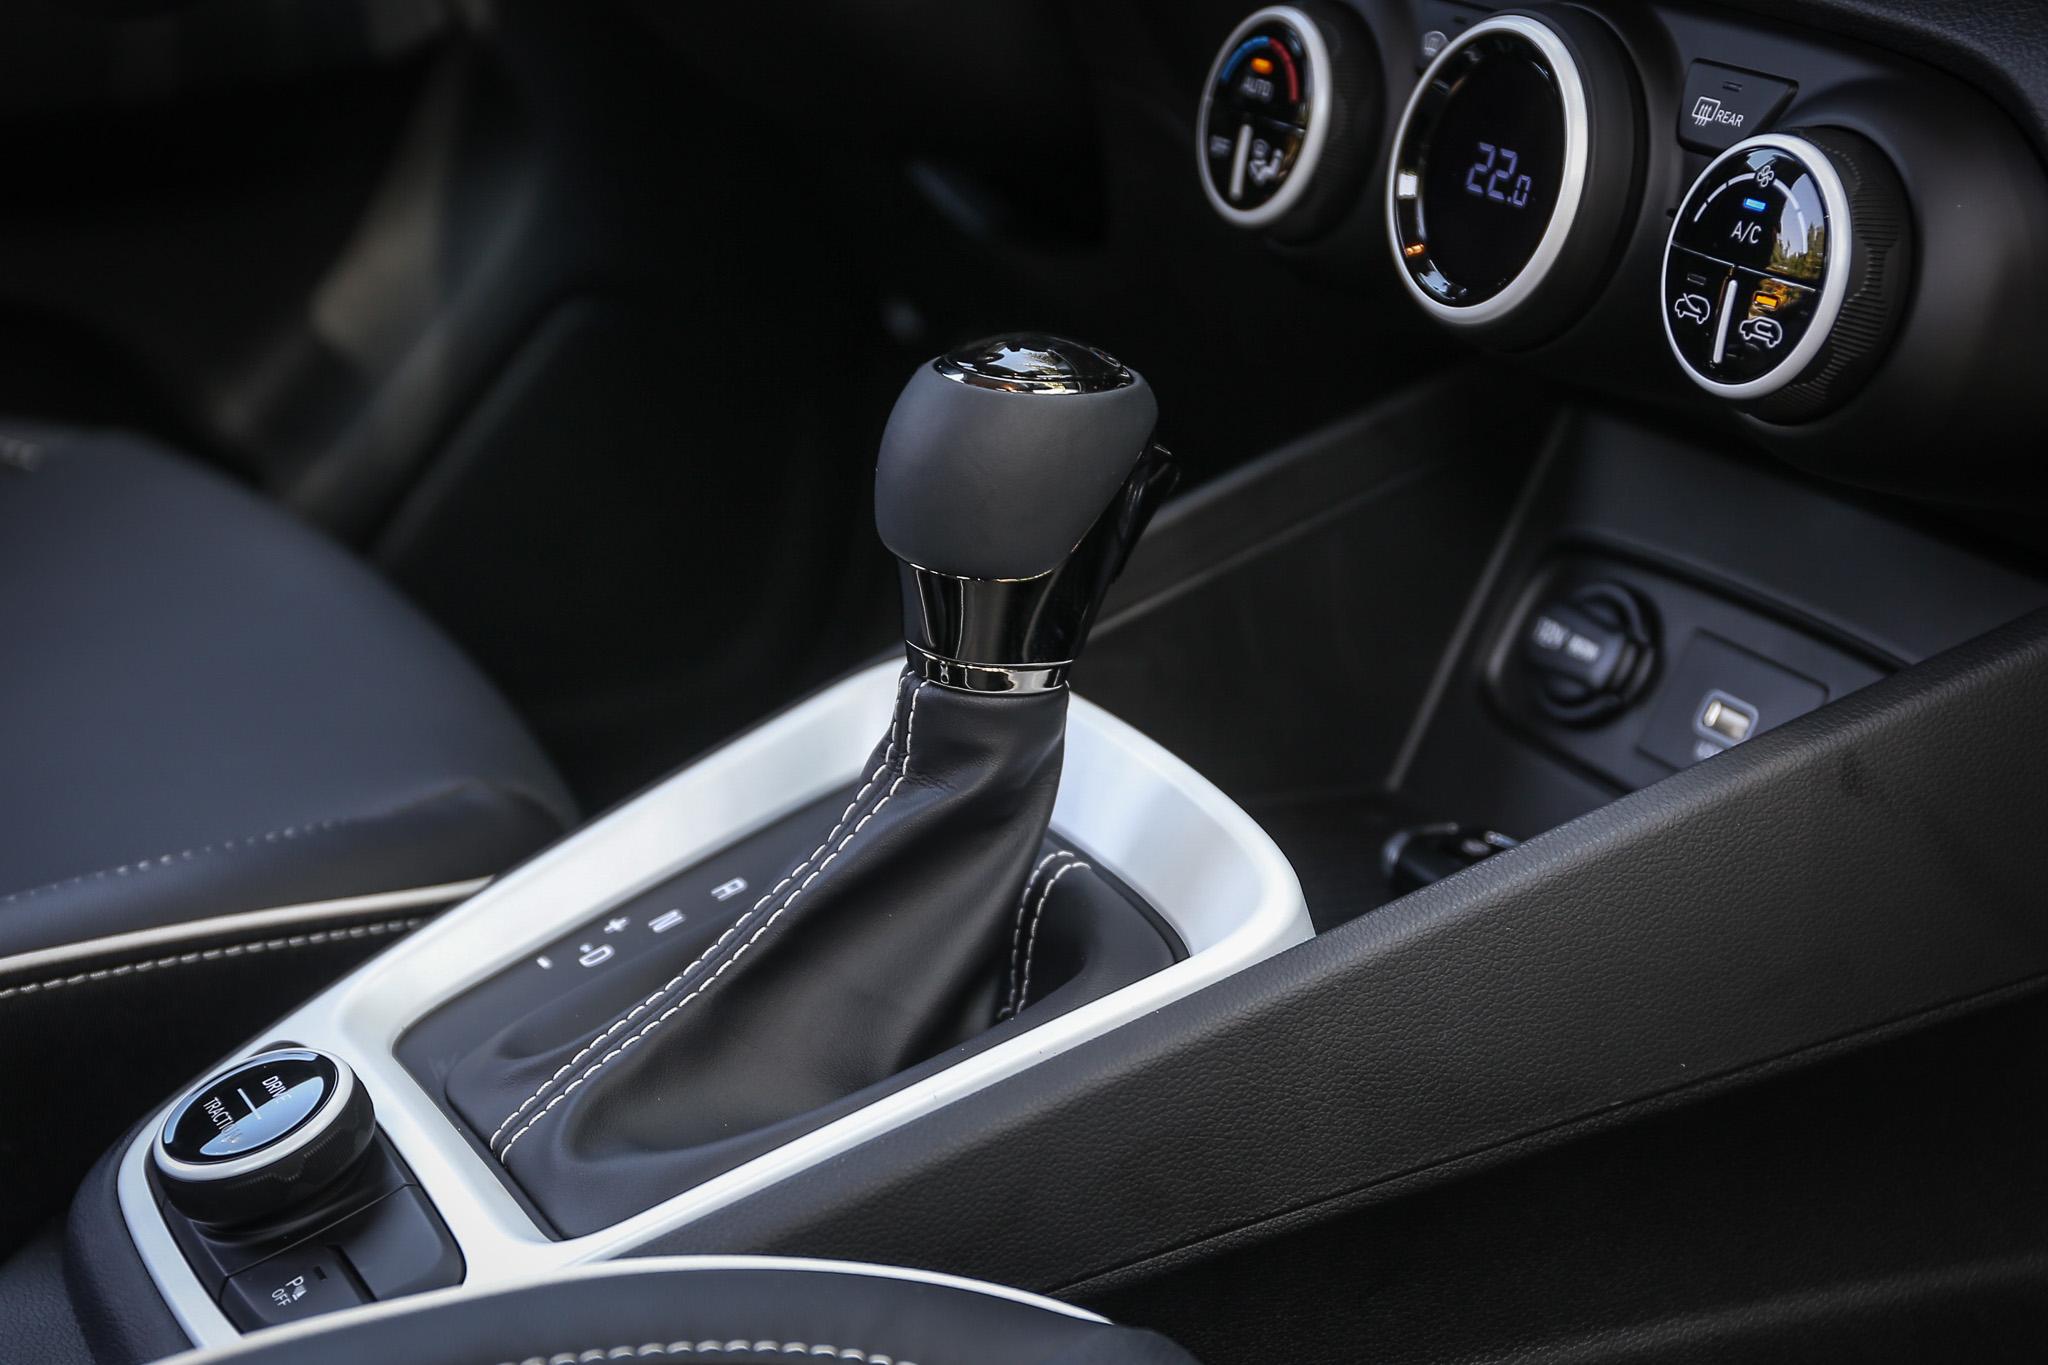 採用無段變速系統,原廠稱之 IVT,並可模擬八速手自排功能。